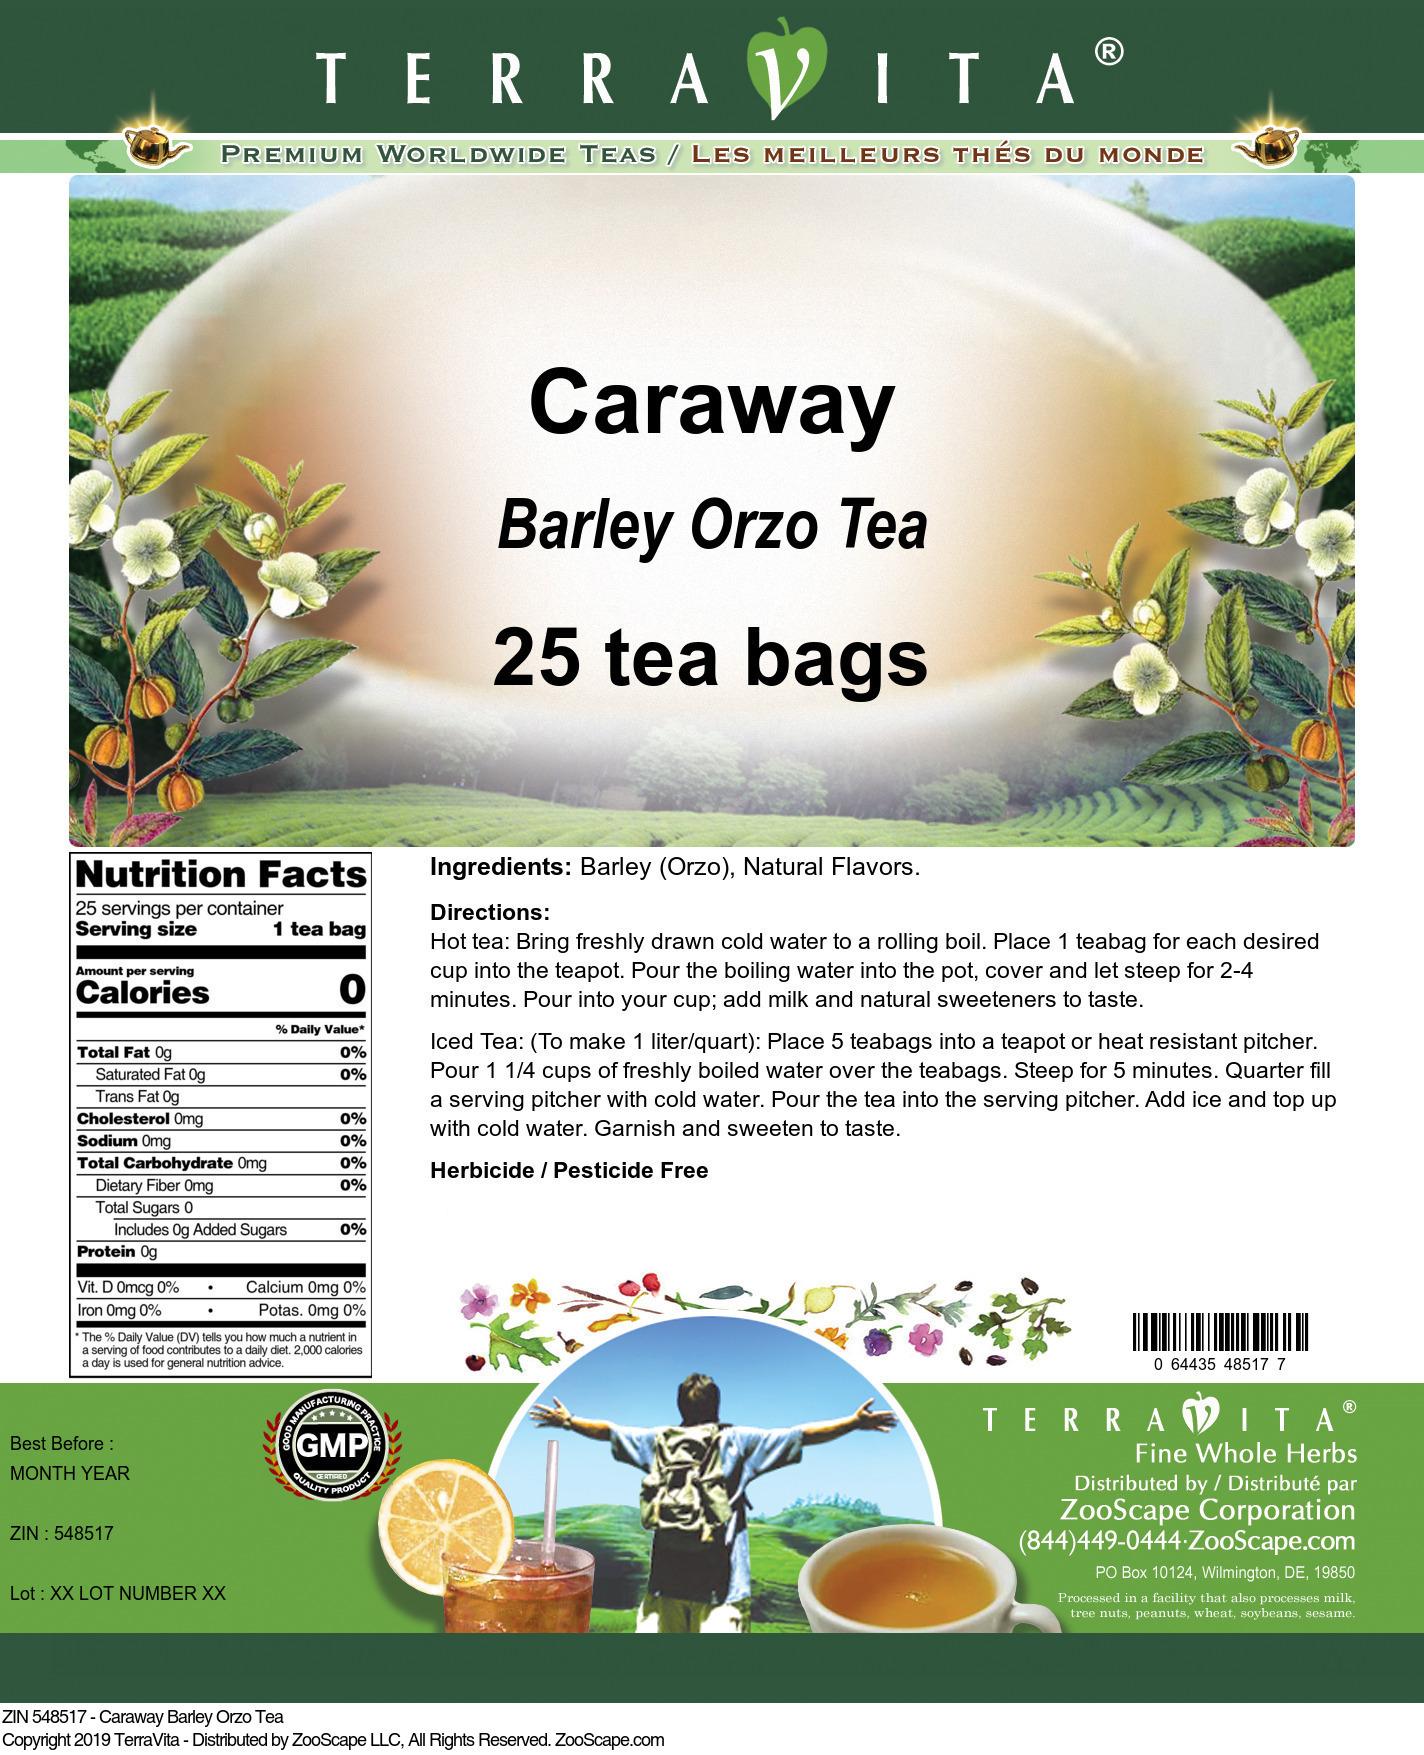 Caraway Barley Orzo Tea